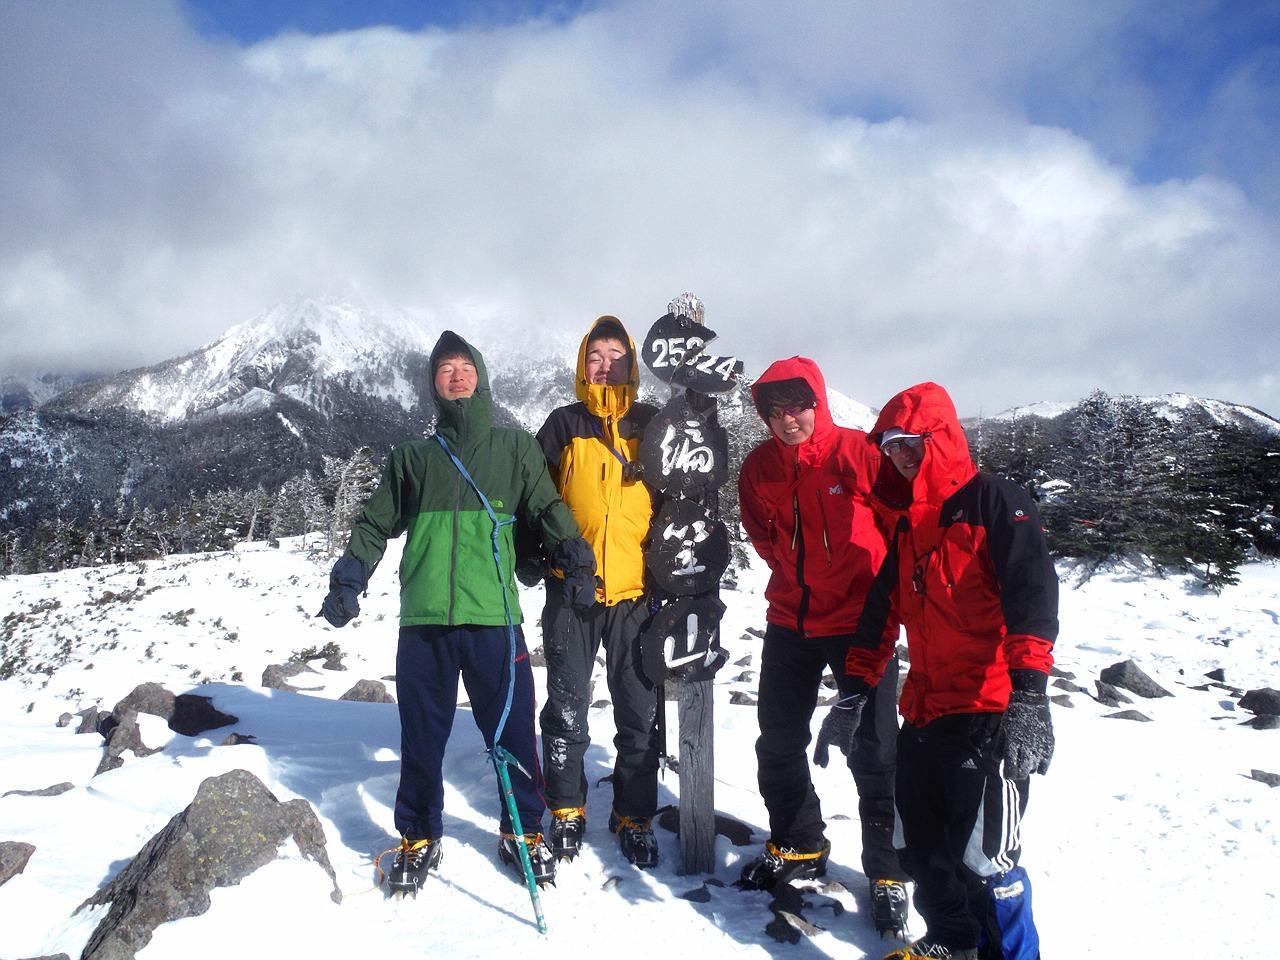 冬の八ヶ岳にSACが集う【八ヶ岳キレット縦走】_d0237801_024955.jpg